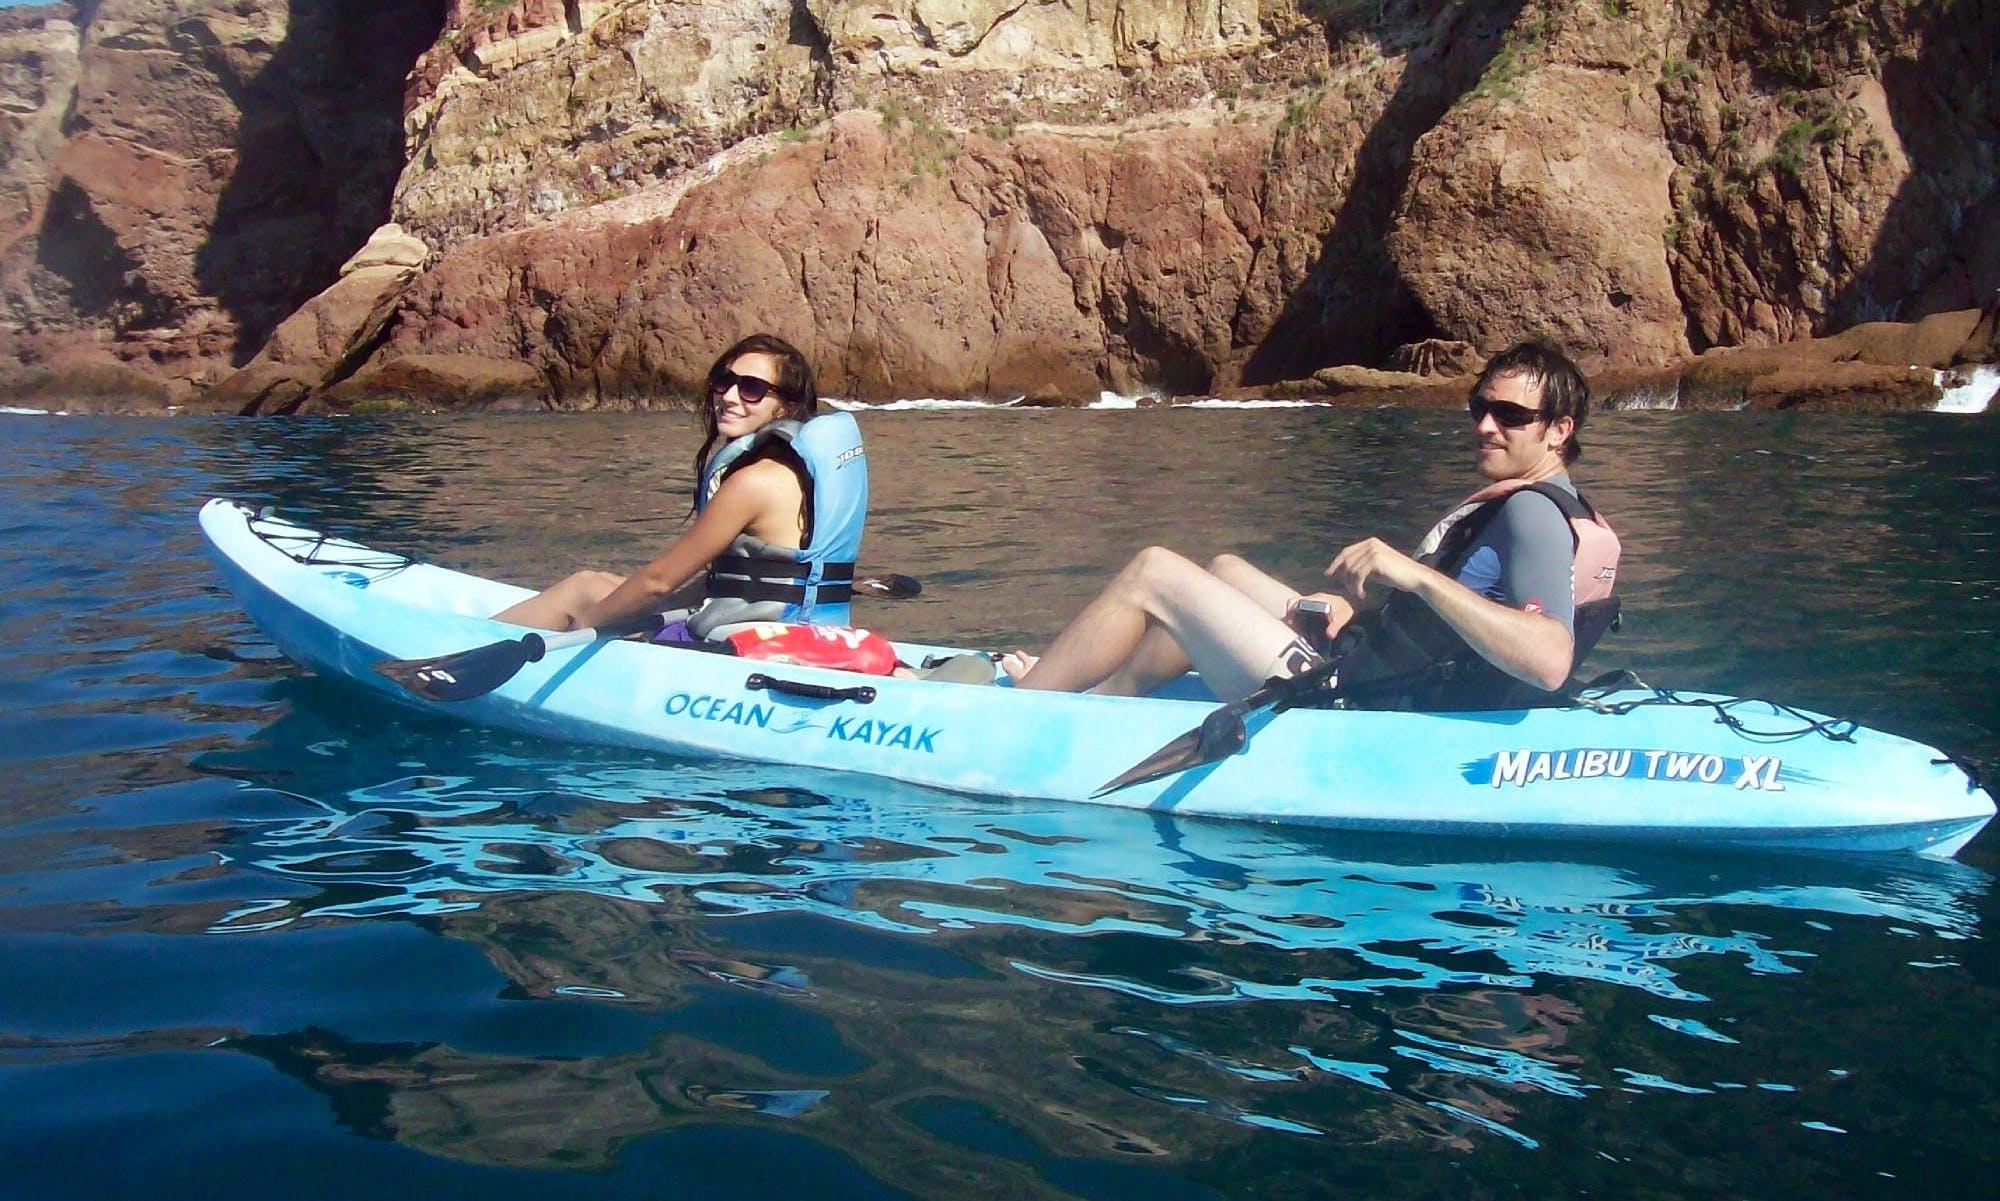 Kayak & Snorkel on the Mazatlán Islands